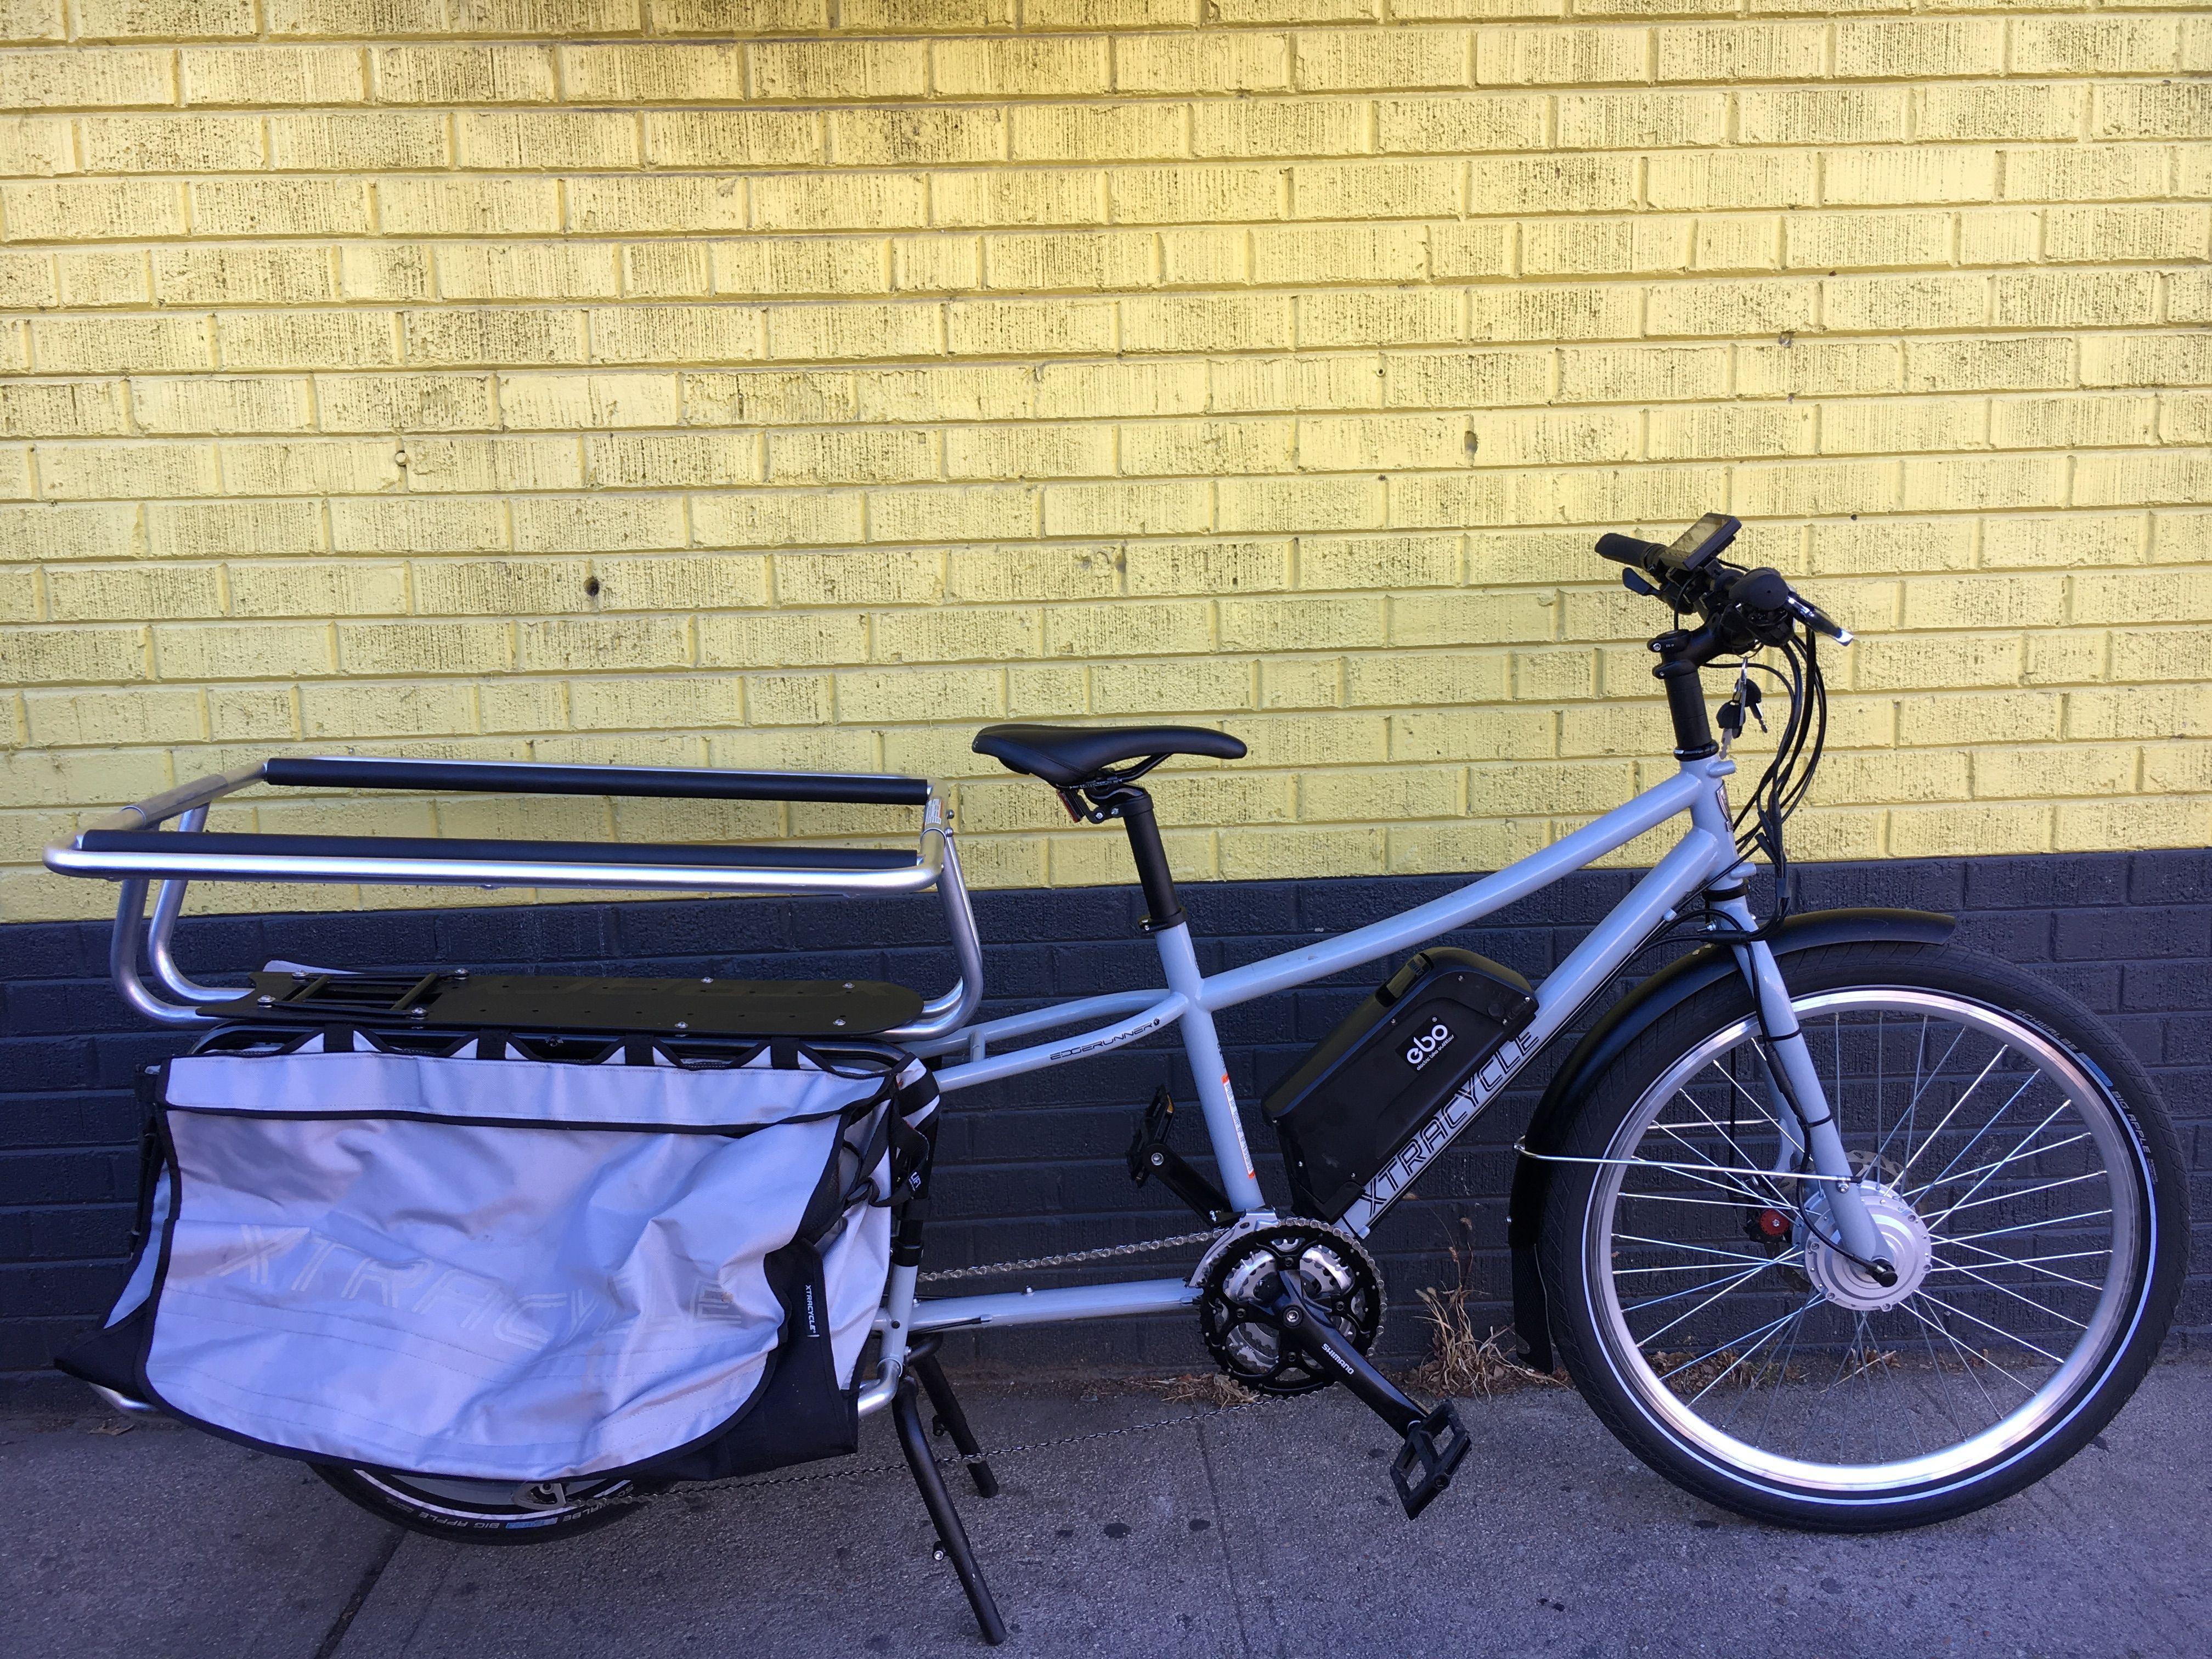 Ebo Burly Electric Bike Conversion Kit Installed On A Xtracycle Electric Bike Conversion Xtracycle Electric Bike